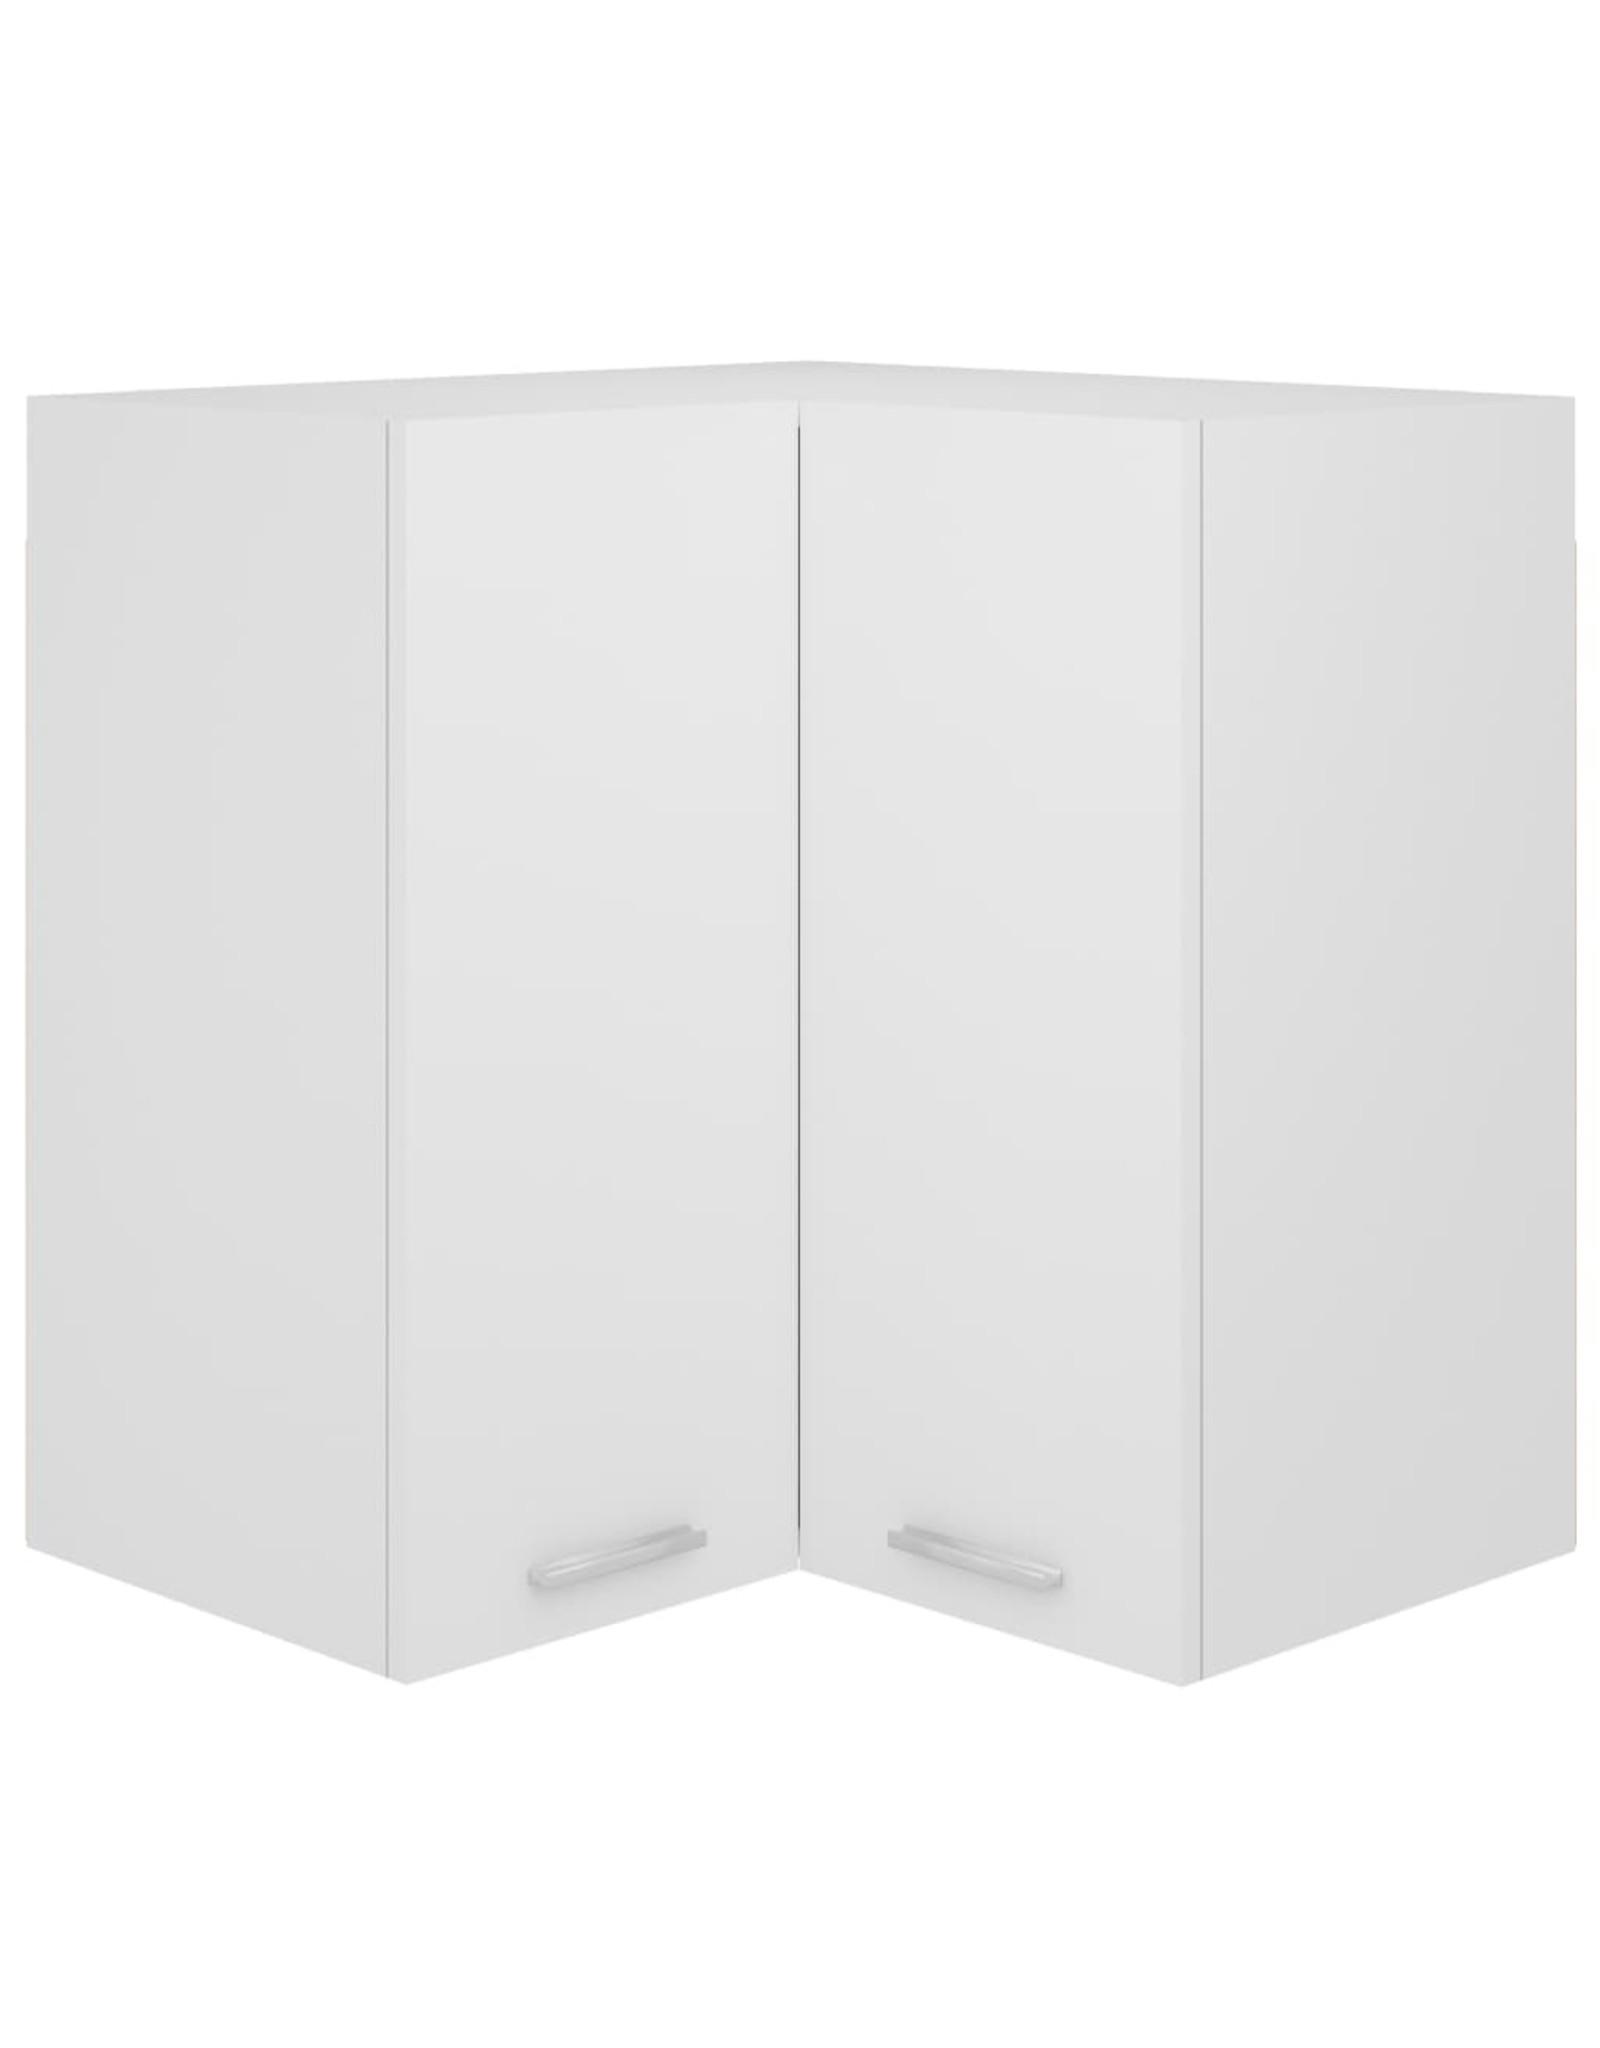 Hanghoekkast 57x57x60 cm spaanplaat wit